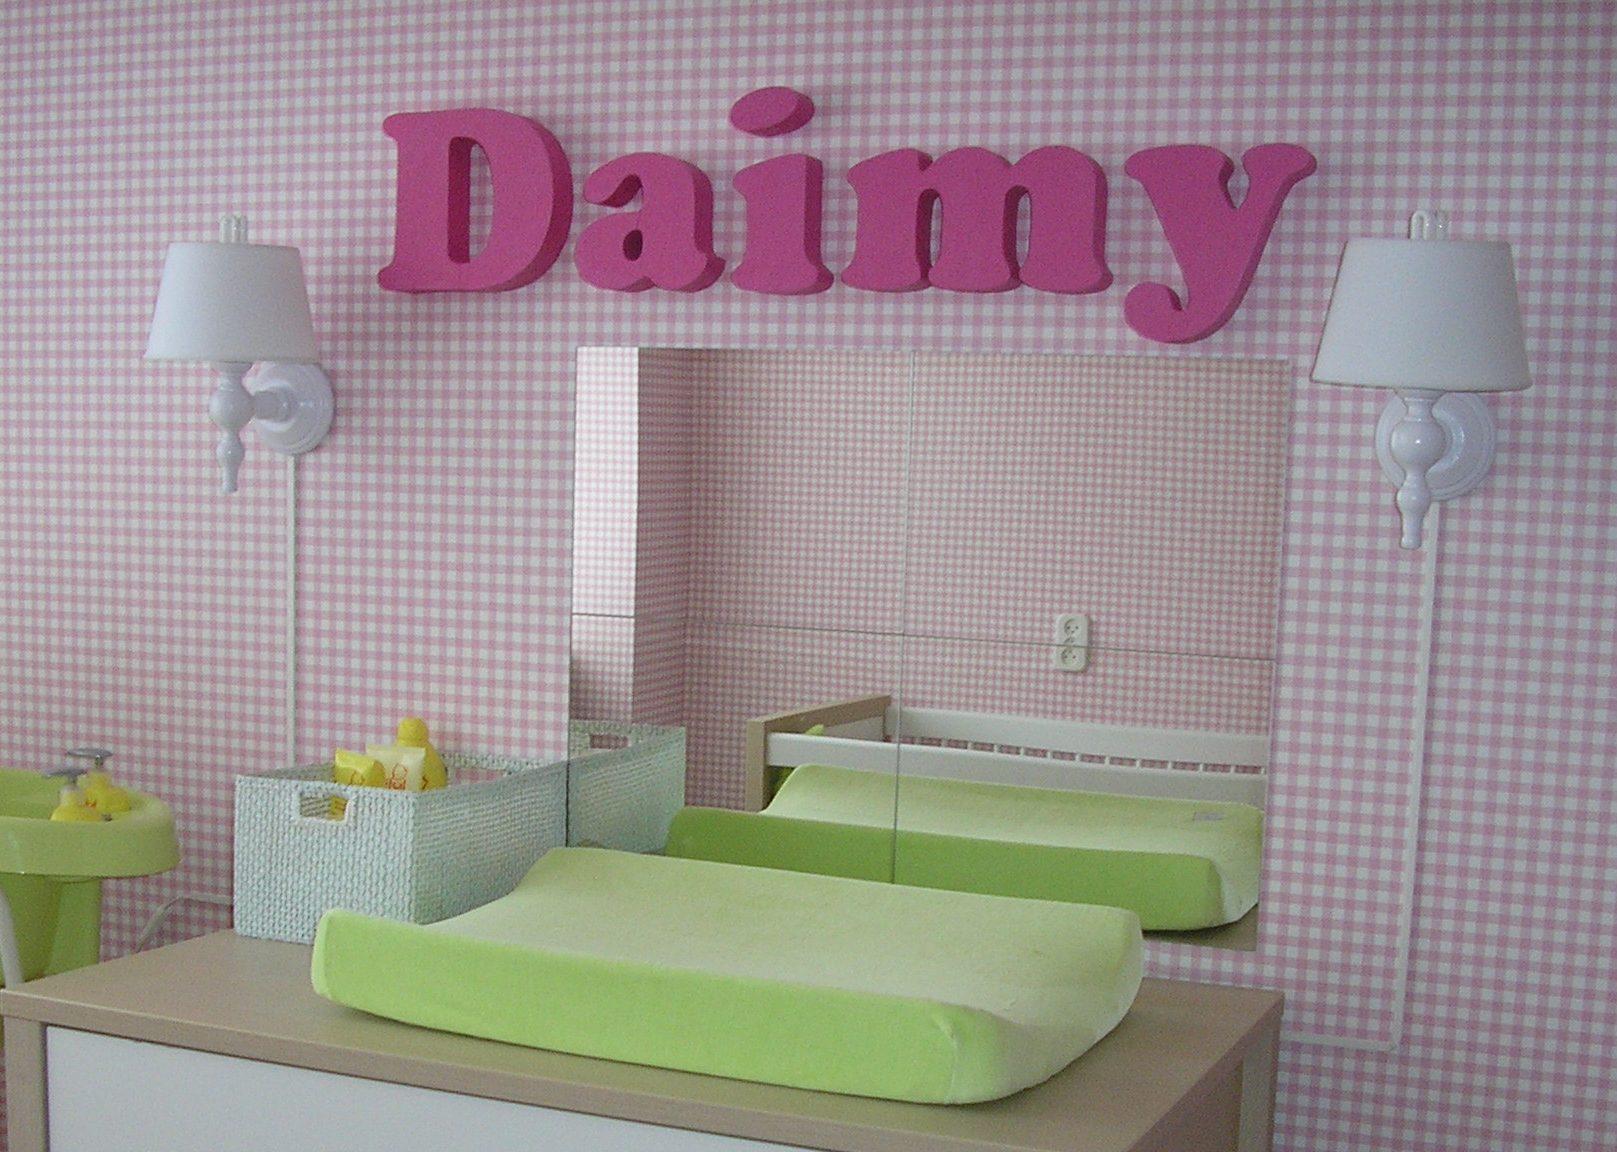 Piepschuim letters voor baby kamer